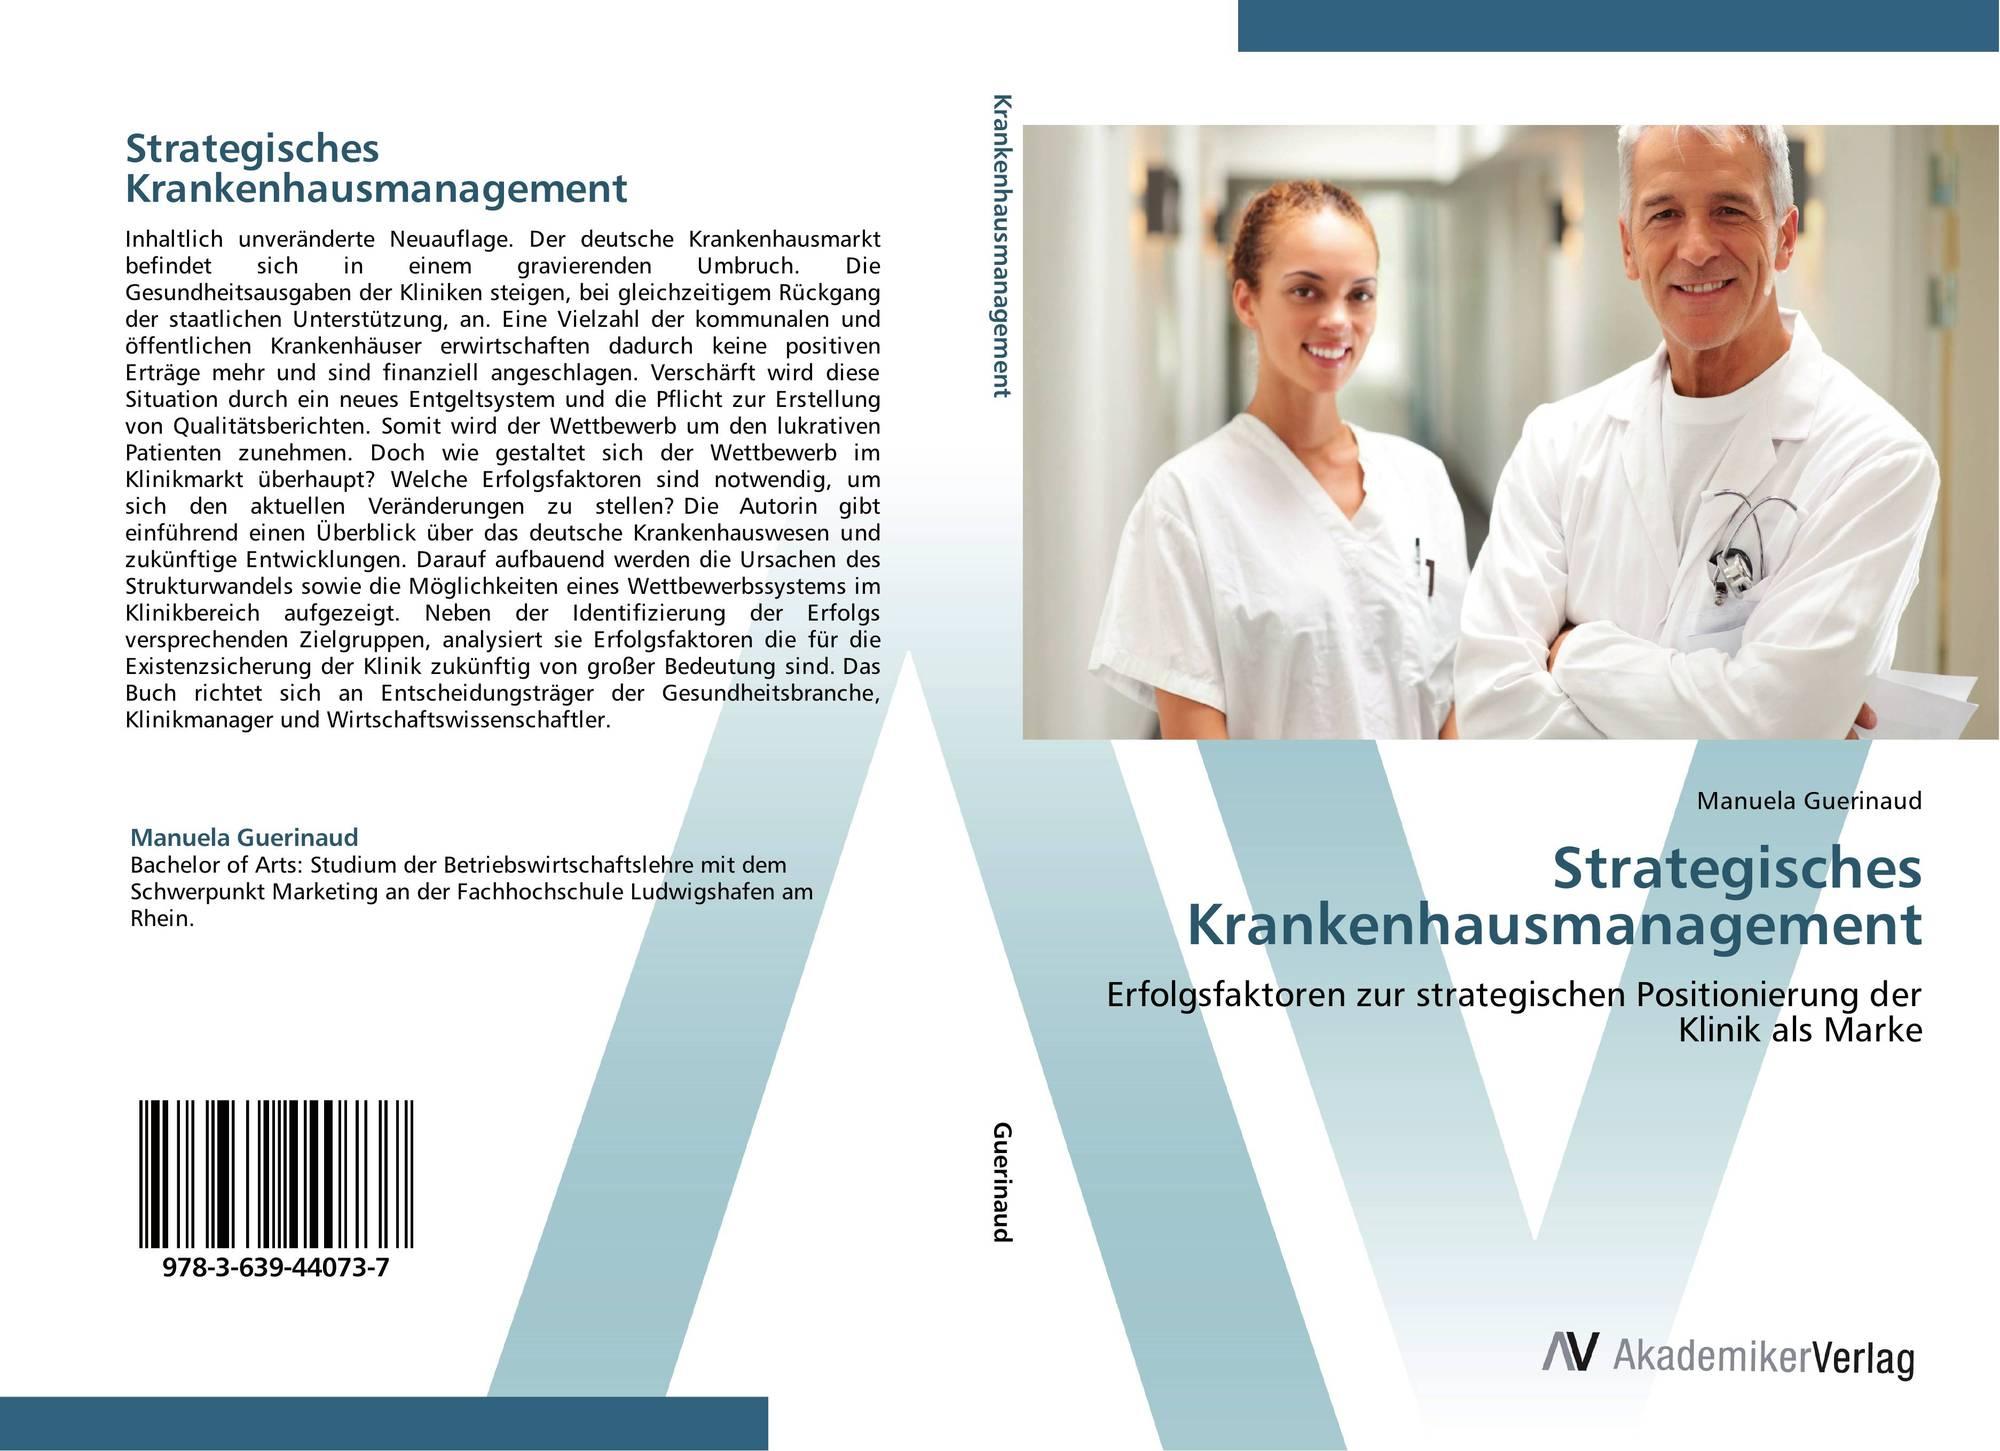 Strategisches Krankenhausmanagement, 978-3-639-44073-7, 3639440730 ...